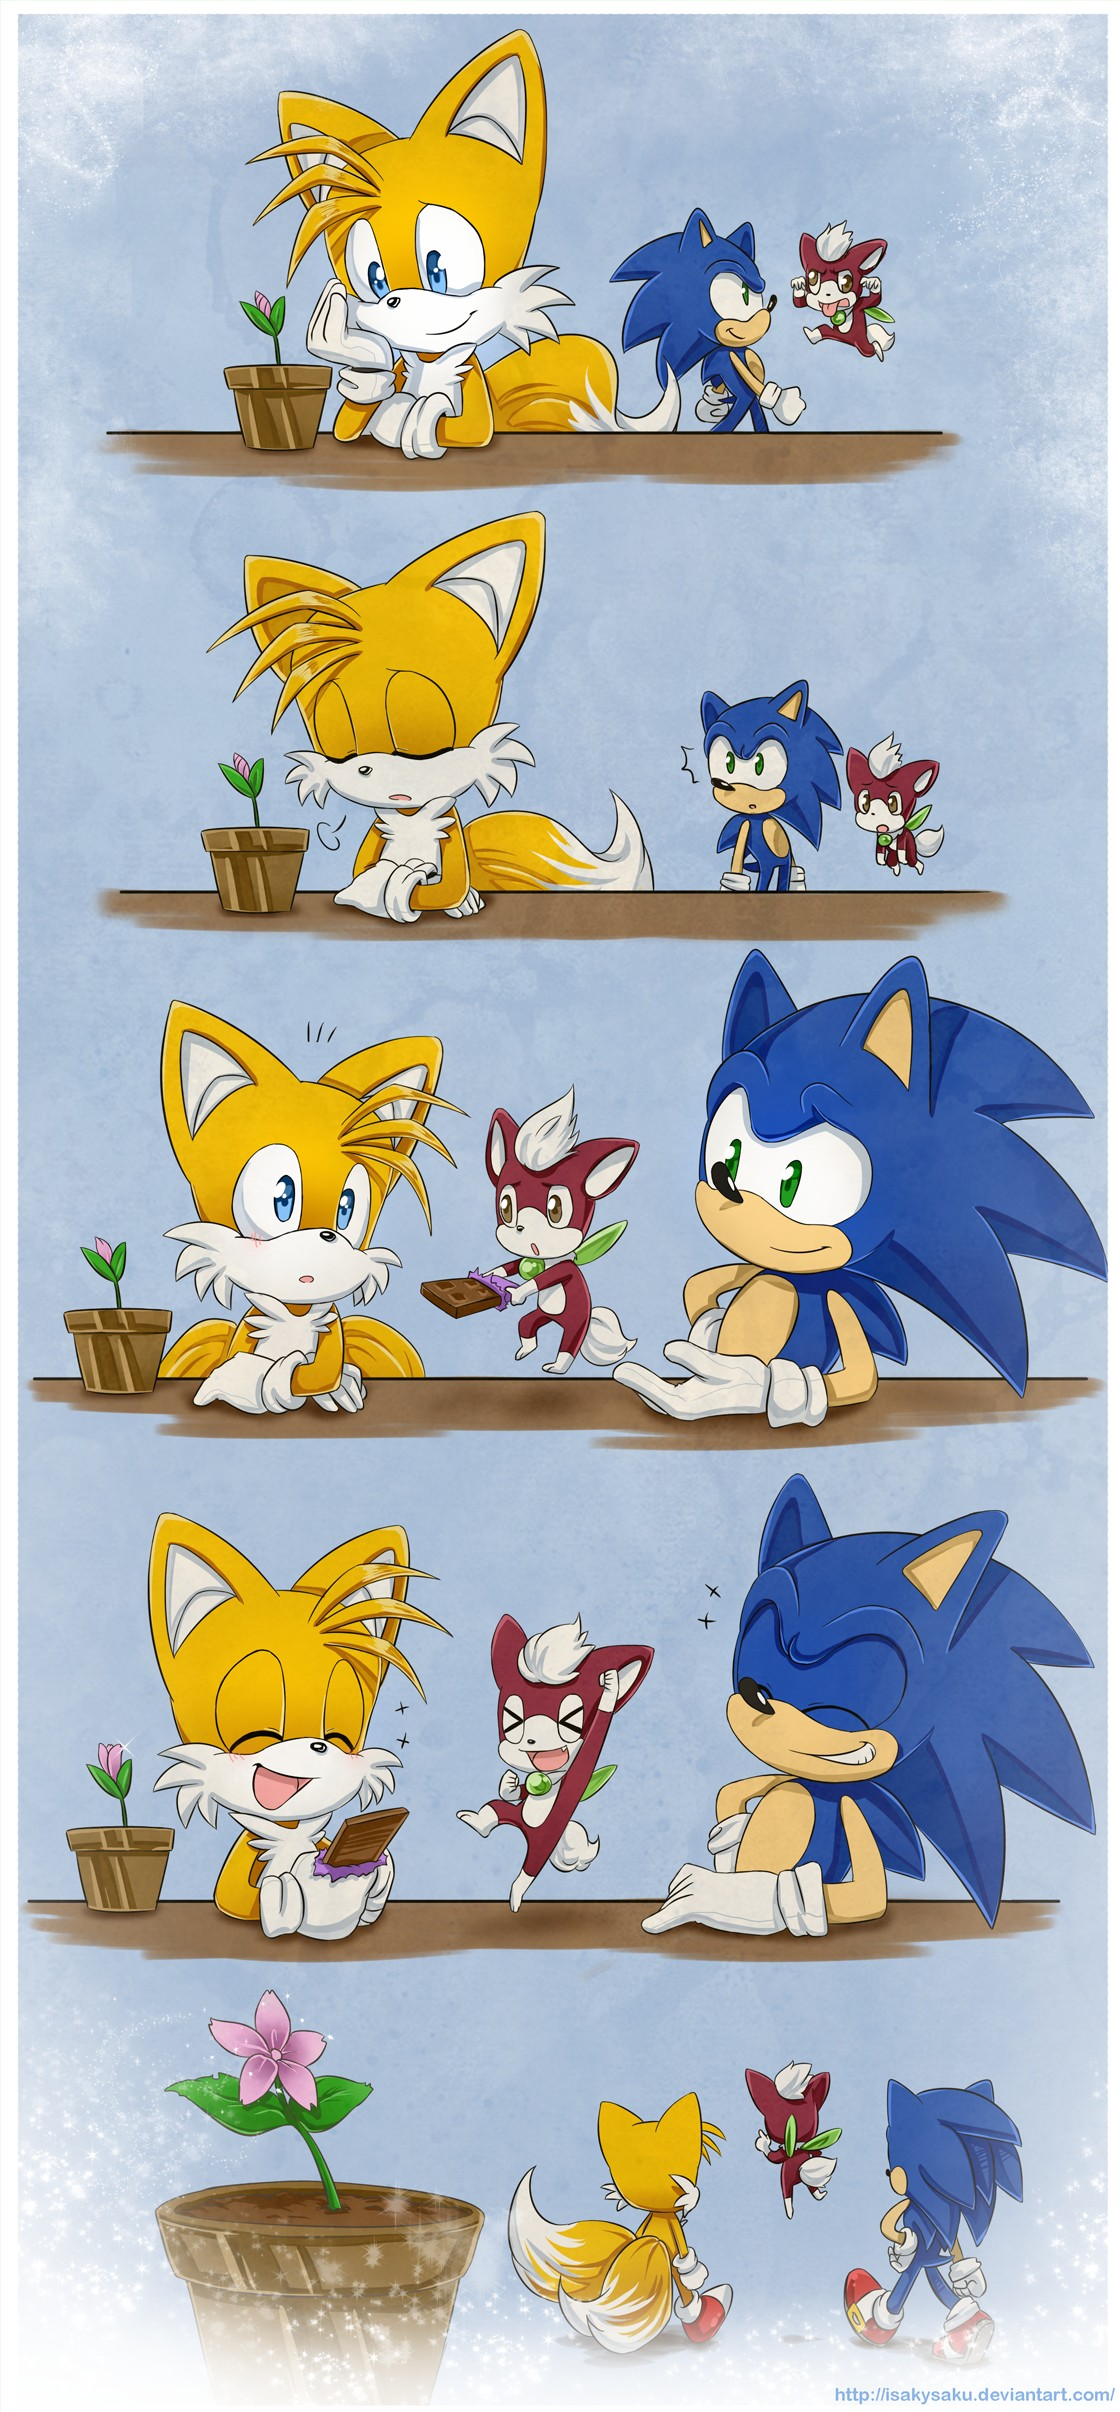 Sonic Unleashed Image 1050465 Zerochan Anime Image Board